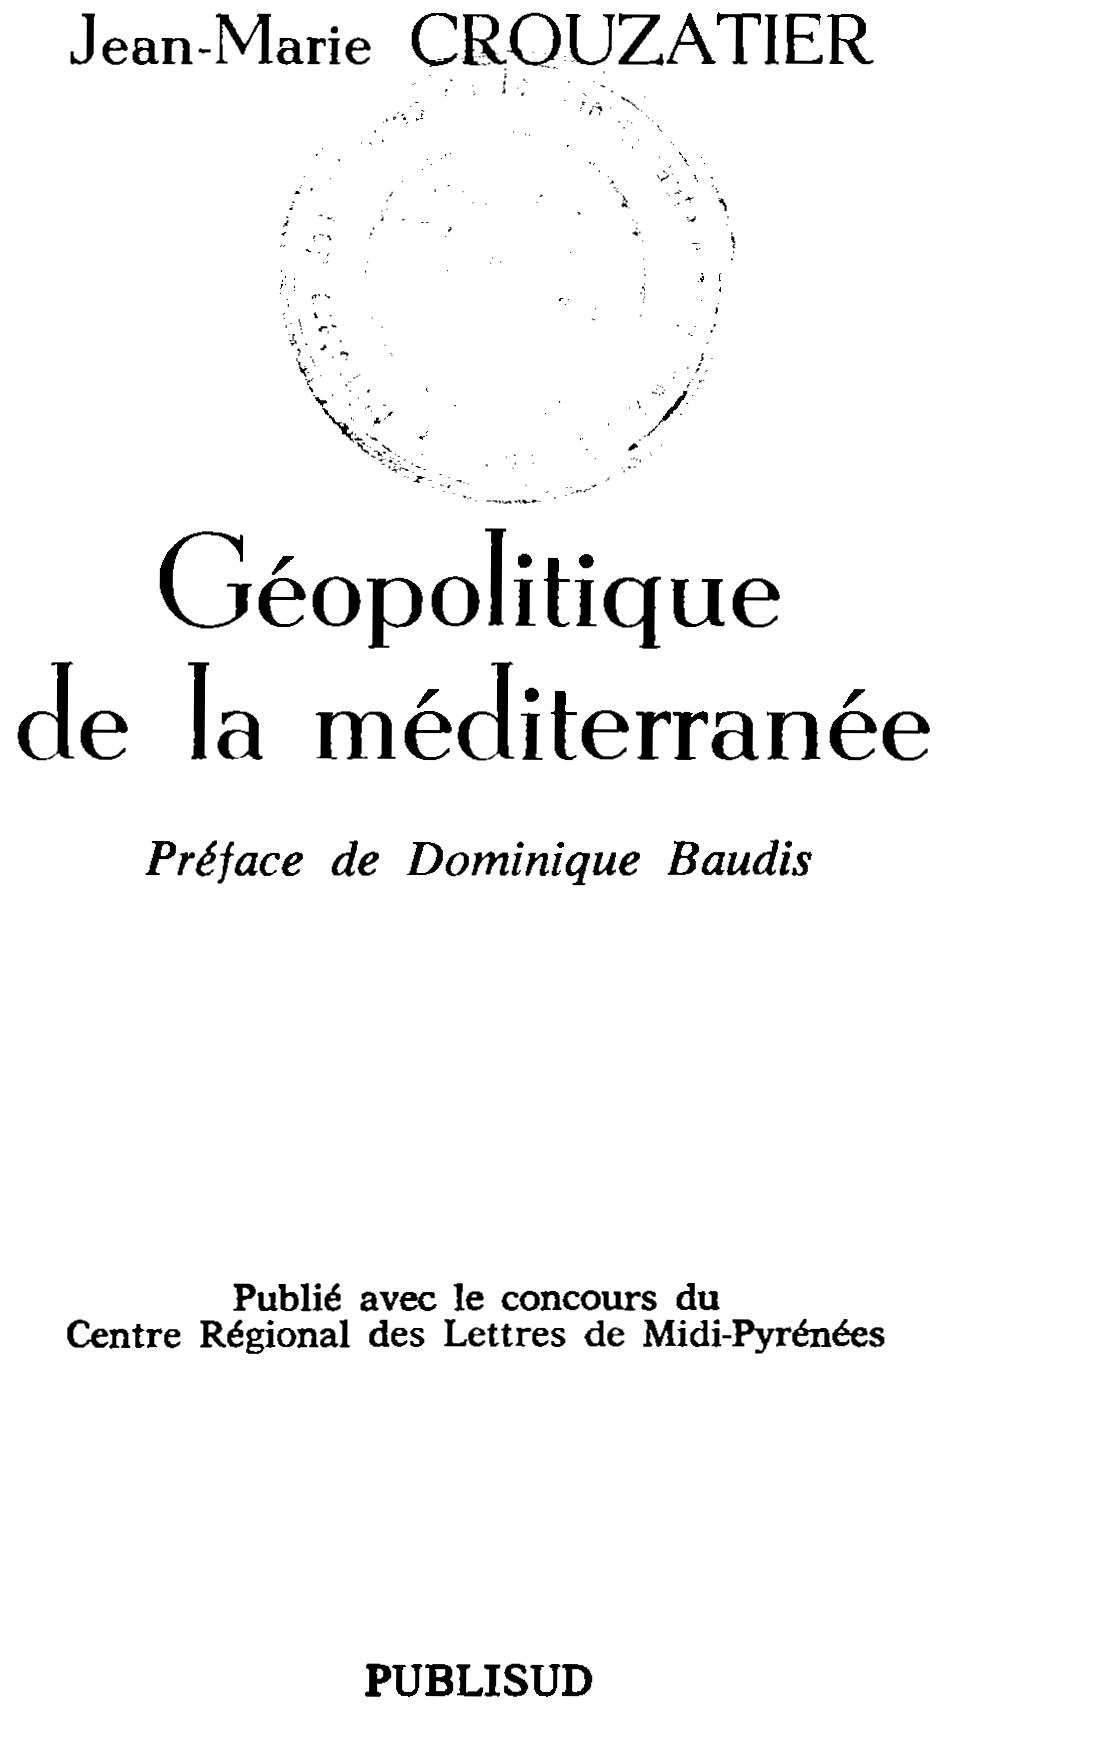 geopolitique de la mediterranee